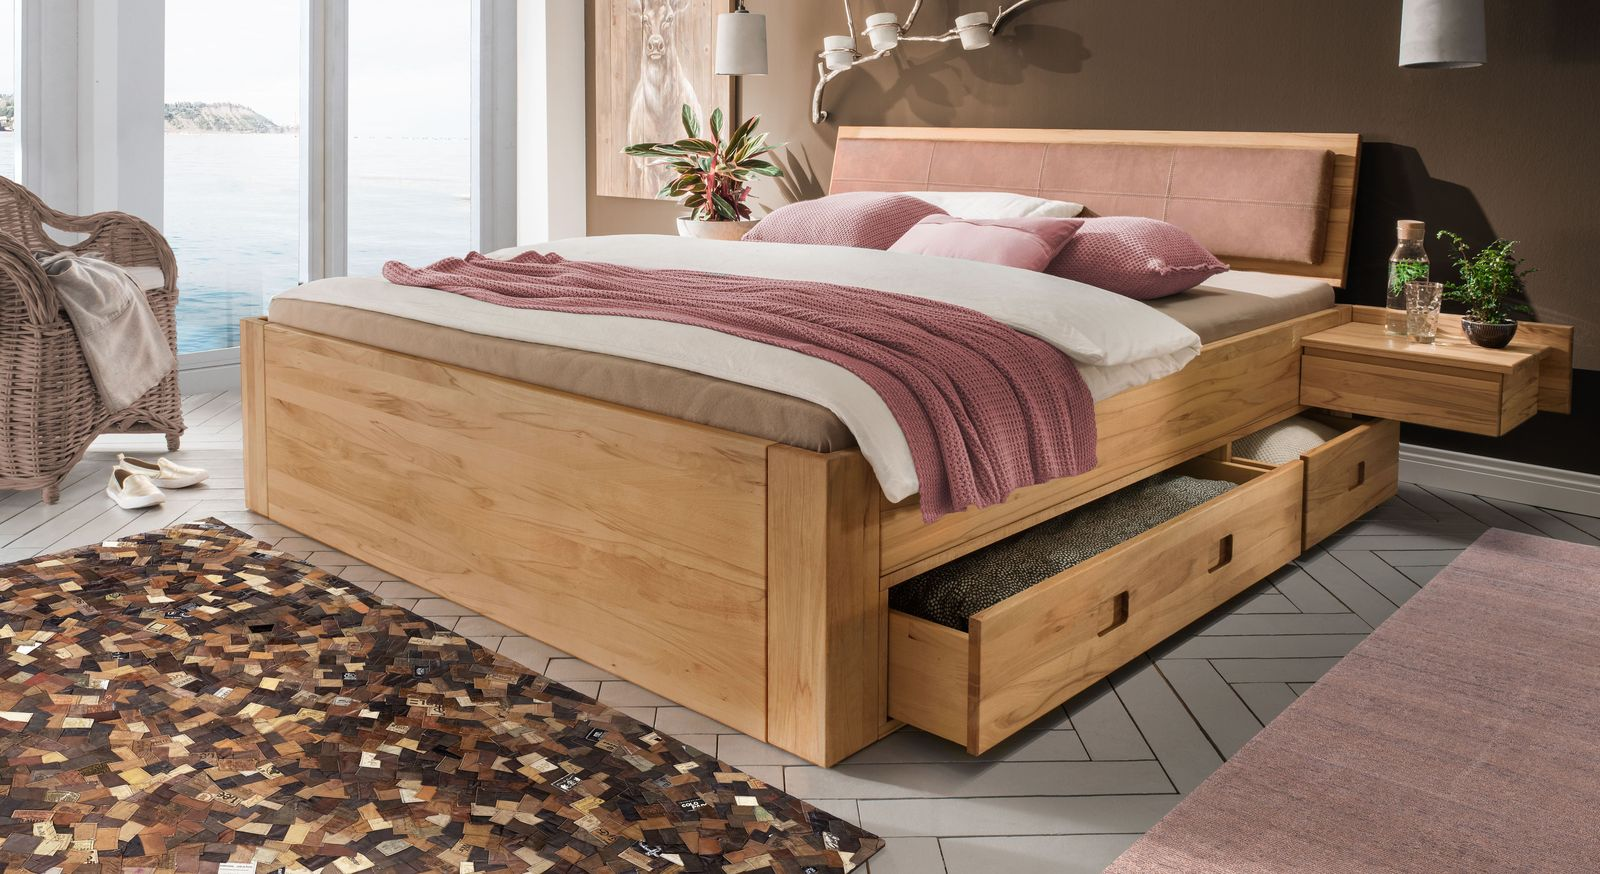 Schubkasten-Bett Aurach aus massivem Echtholz